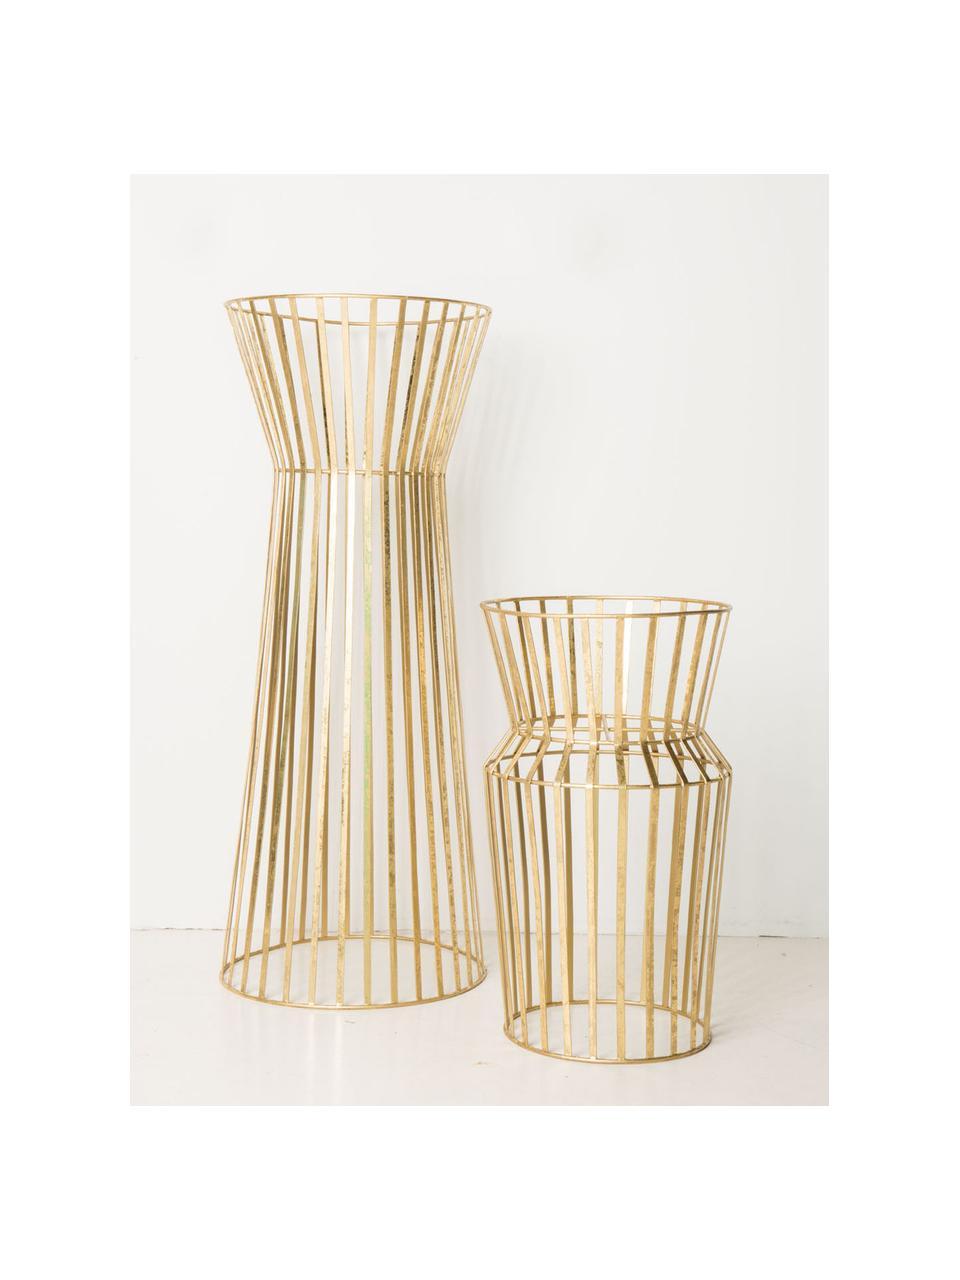 Supporto per vaso in metallo Gold, Metallo rivestito, Ottonato, Ø 34 x Alt. 86 cm